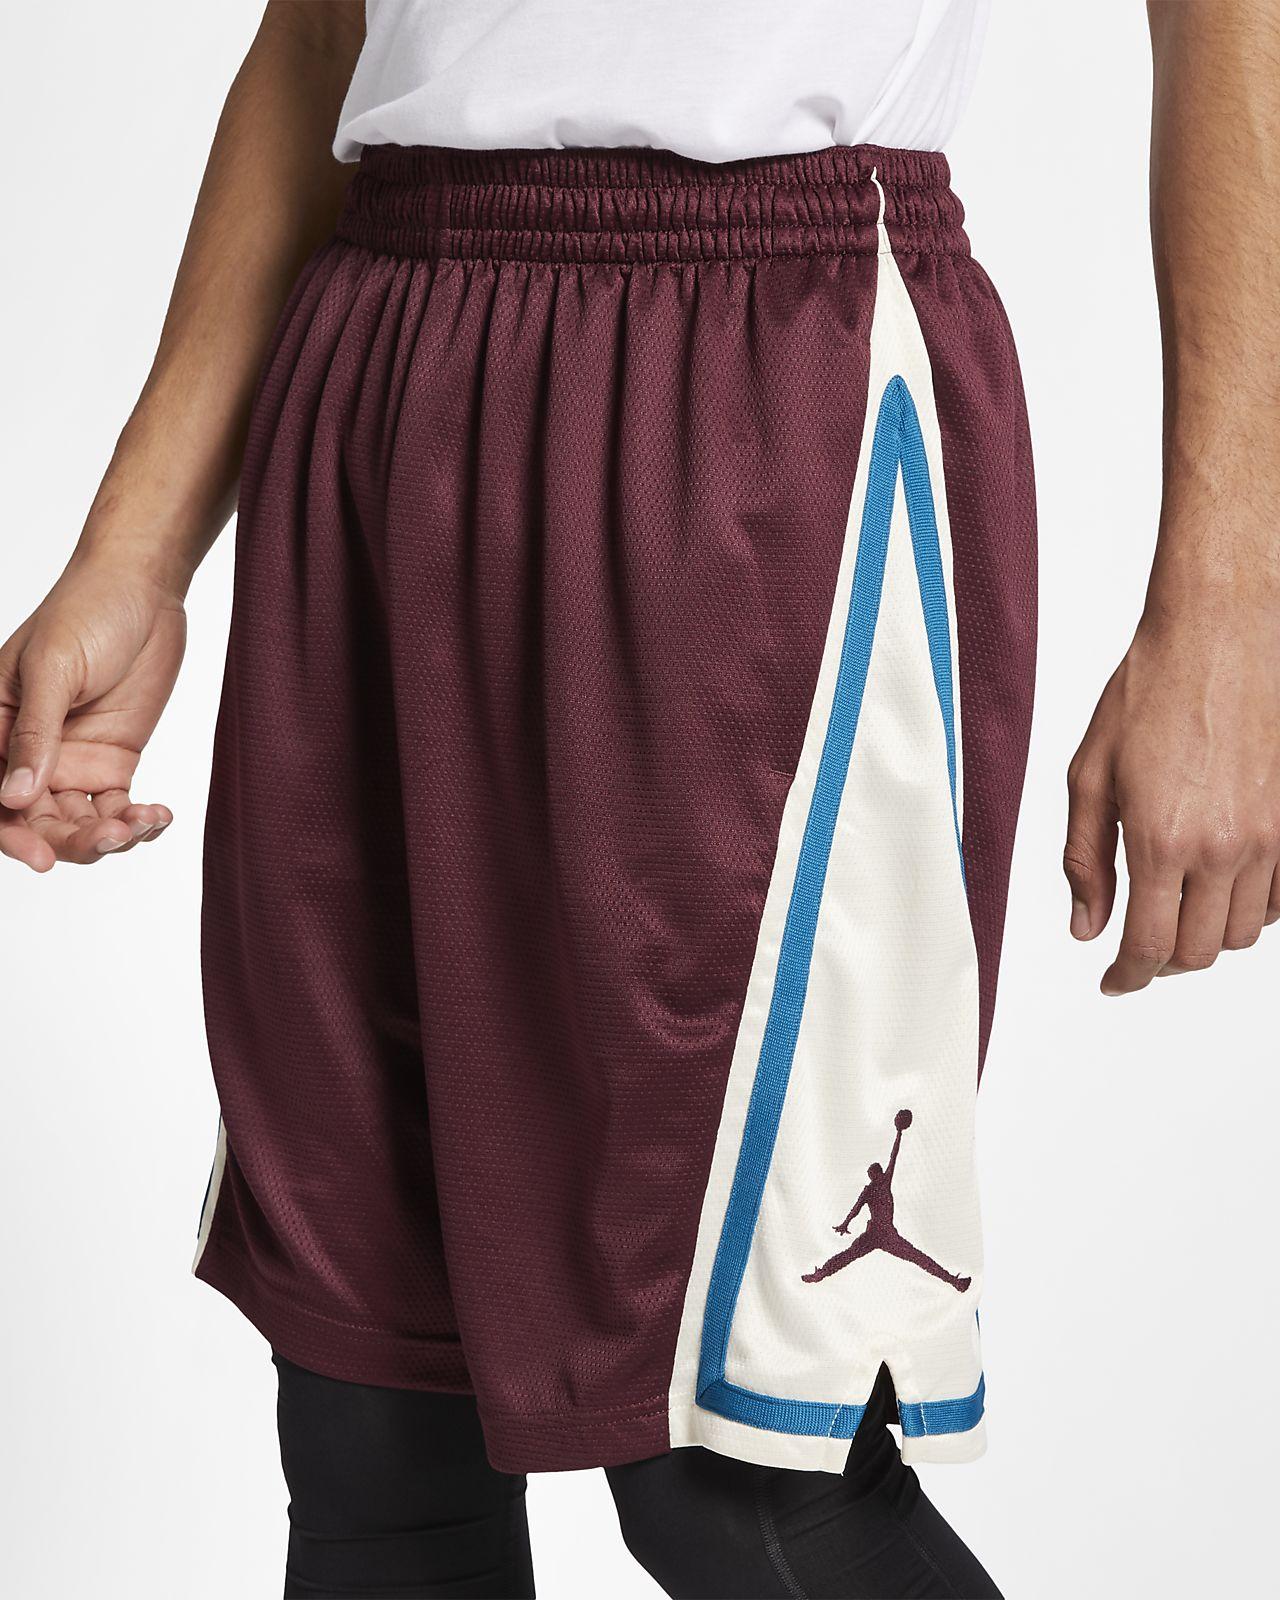 Calções de basquetebol Jordan Franchise para homem